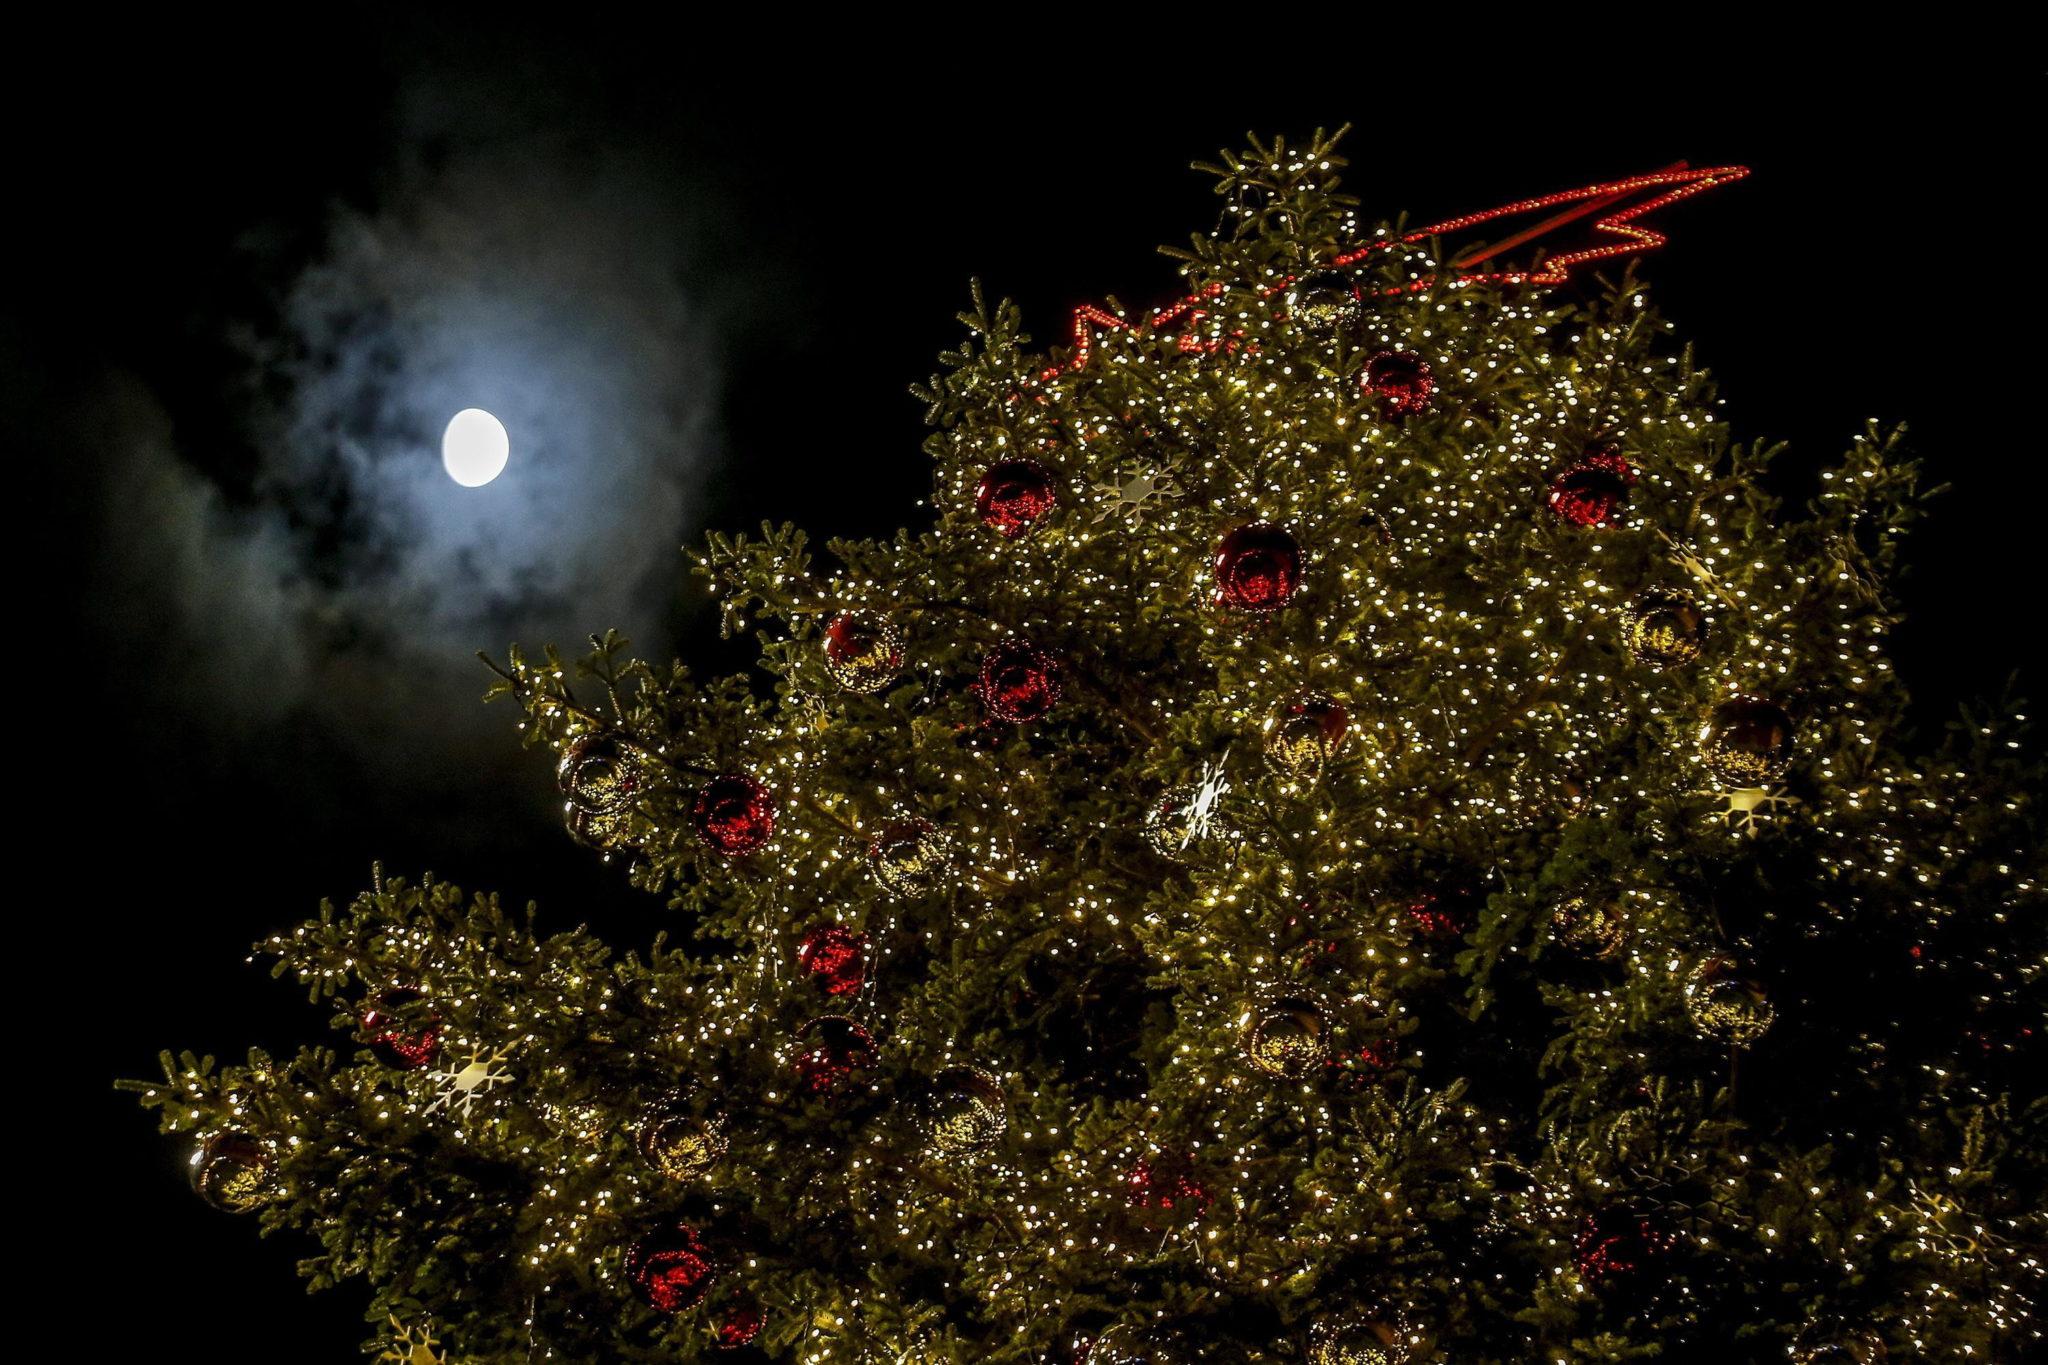 Ceremonia zapalenia światełek na choince w Rzymie, fot. EPA/FABIO FRUSTACI